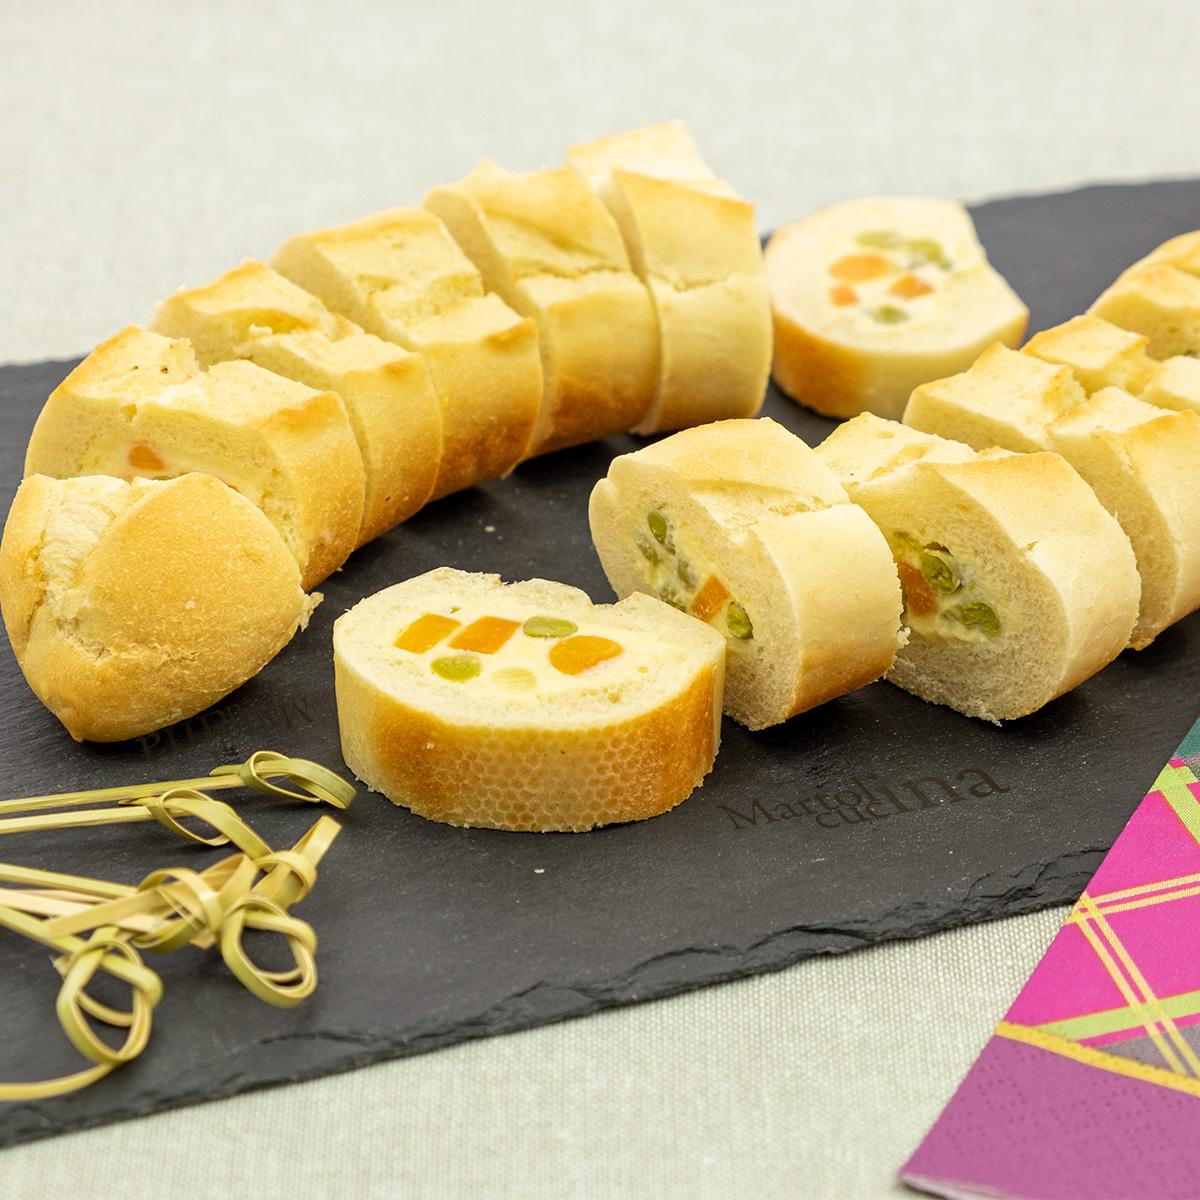 Filone di pane ripieno